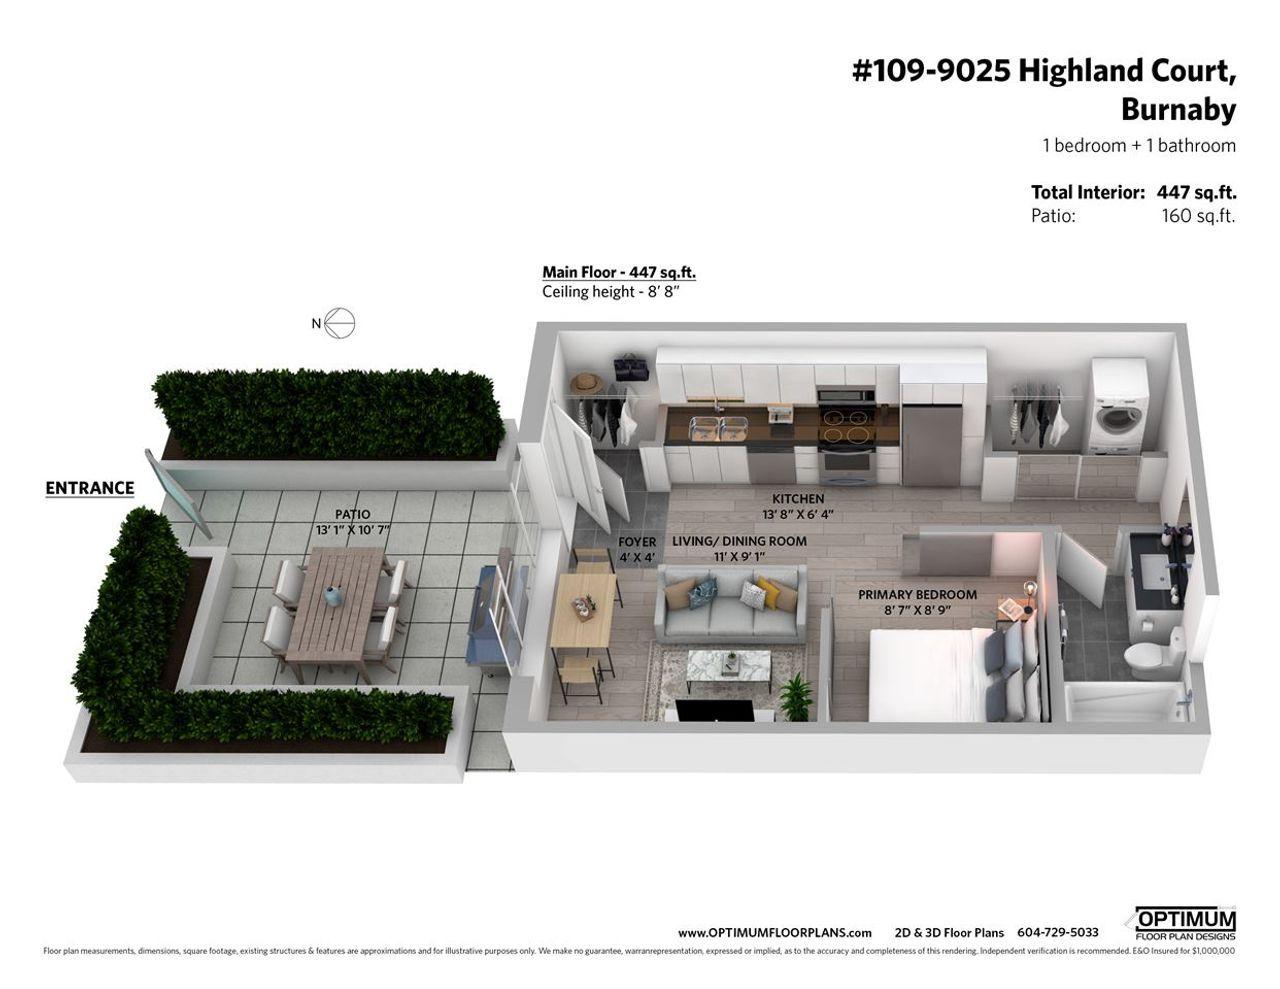 9025-highland-court-simon-fraser-univer-burnaby-north-15 at 109 - 9025 Highland Court, Simon Fraser Univer., Burnaby North